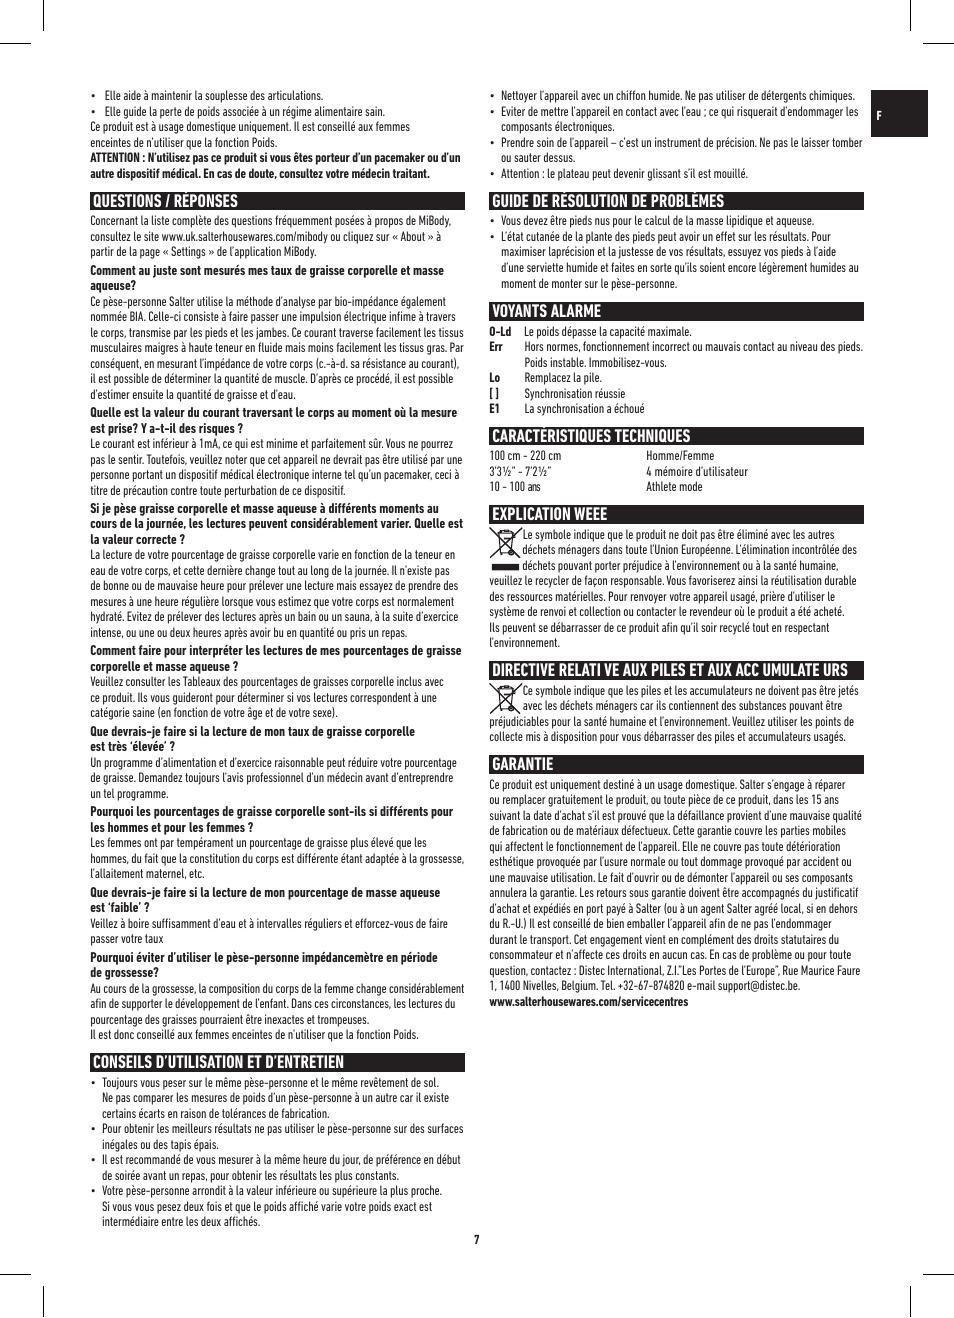 Questions / réponses, Conseils d'utilisation et d